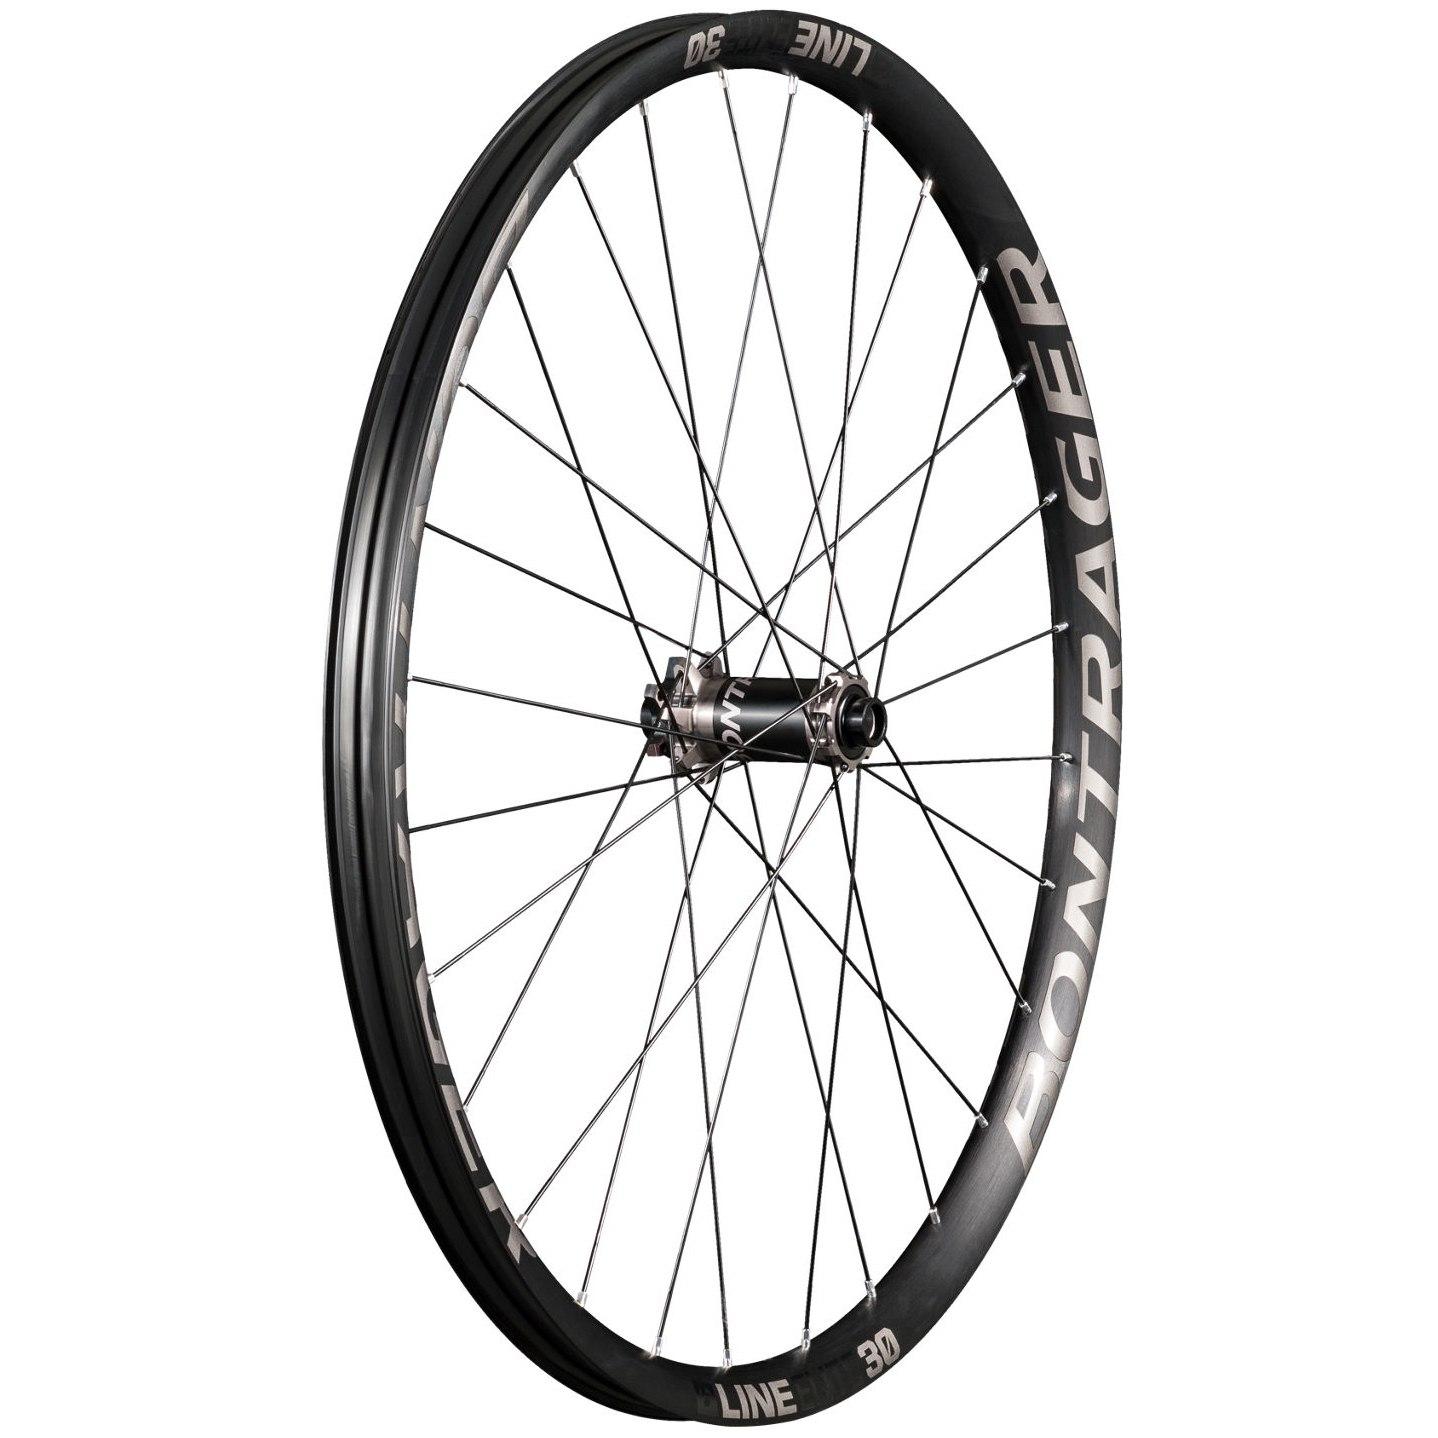 """Bontrager Line Elite 30 TLR Boost 27,5"""" Front Wheel - 6-Bolt - 15x110mm Boost"""